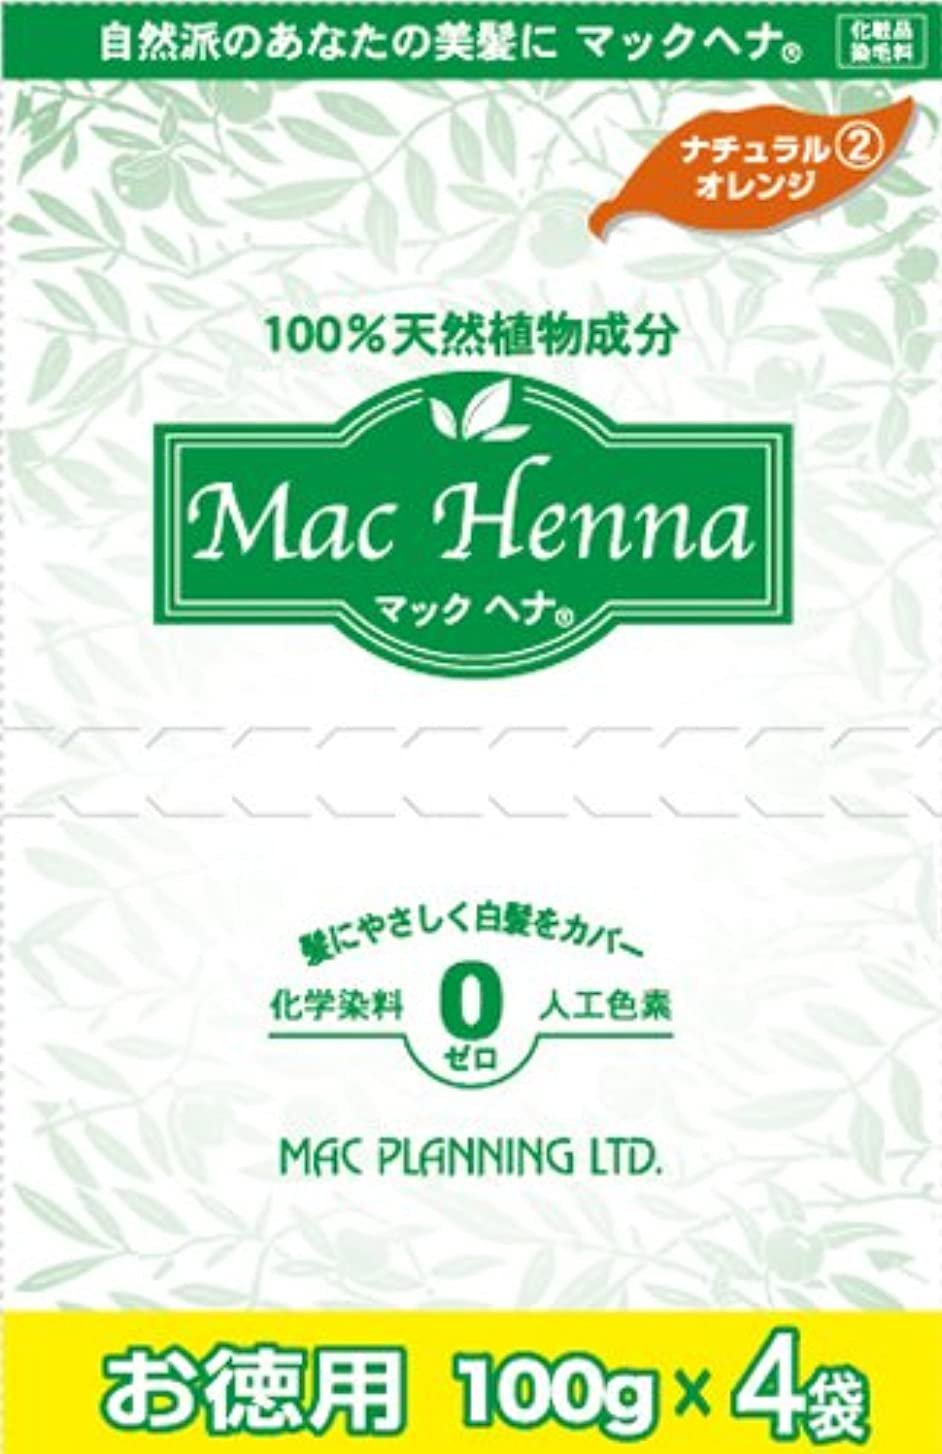 ぼかす佐賀ウッズ天然植物原料100% 無添加 マックヘナ お徳用(ナチュラルオレンジ)-2  400g(100g×4袋) 2箱セット